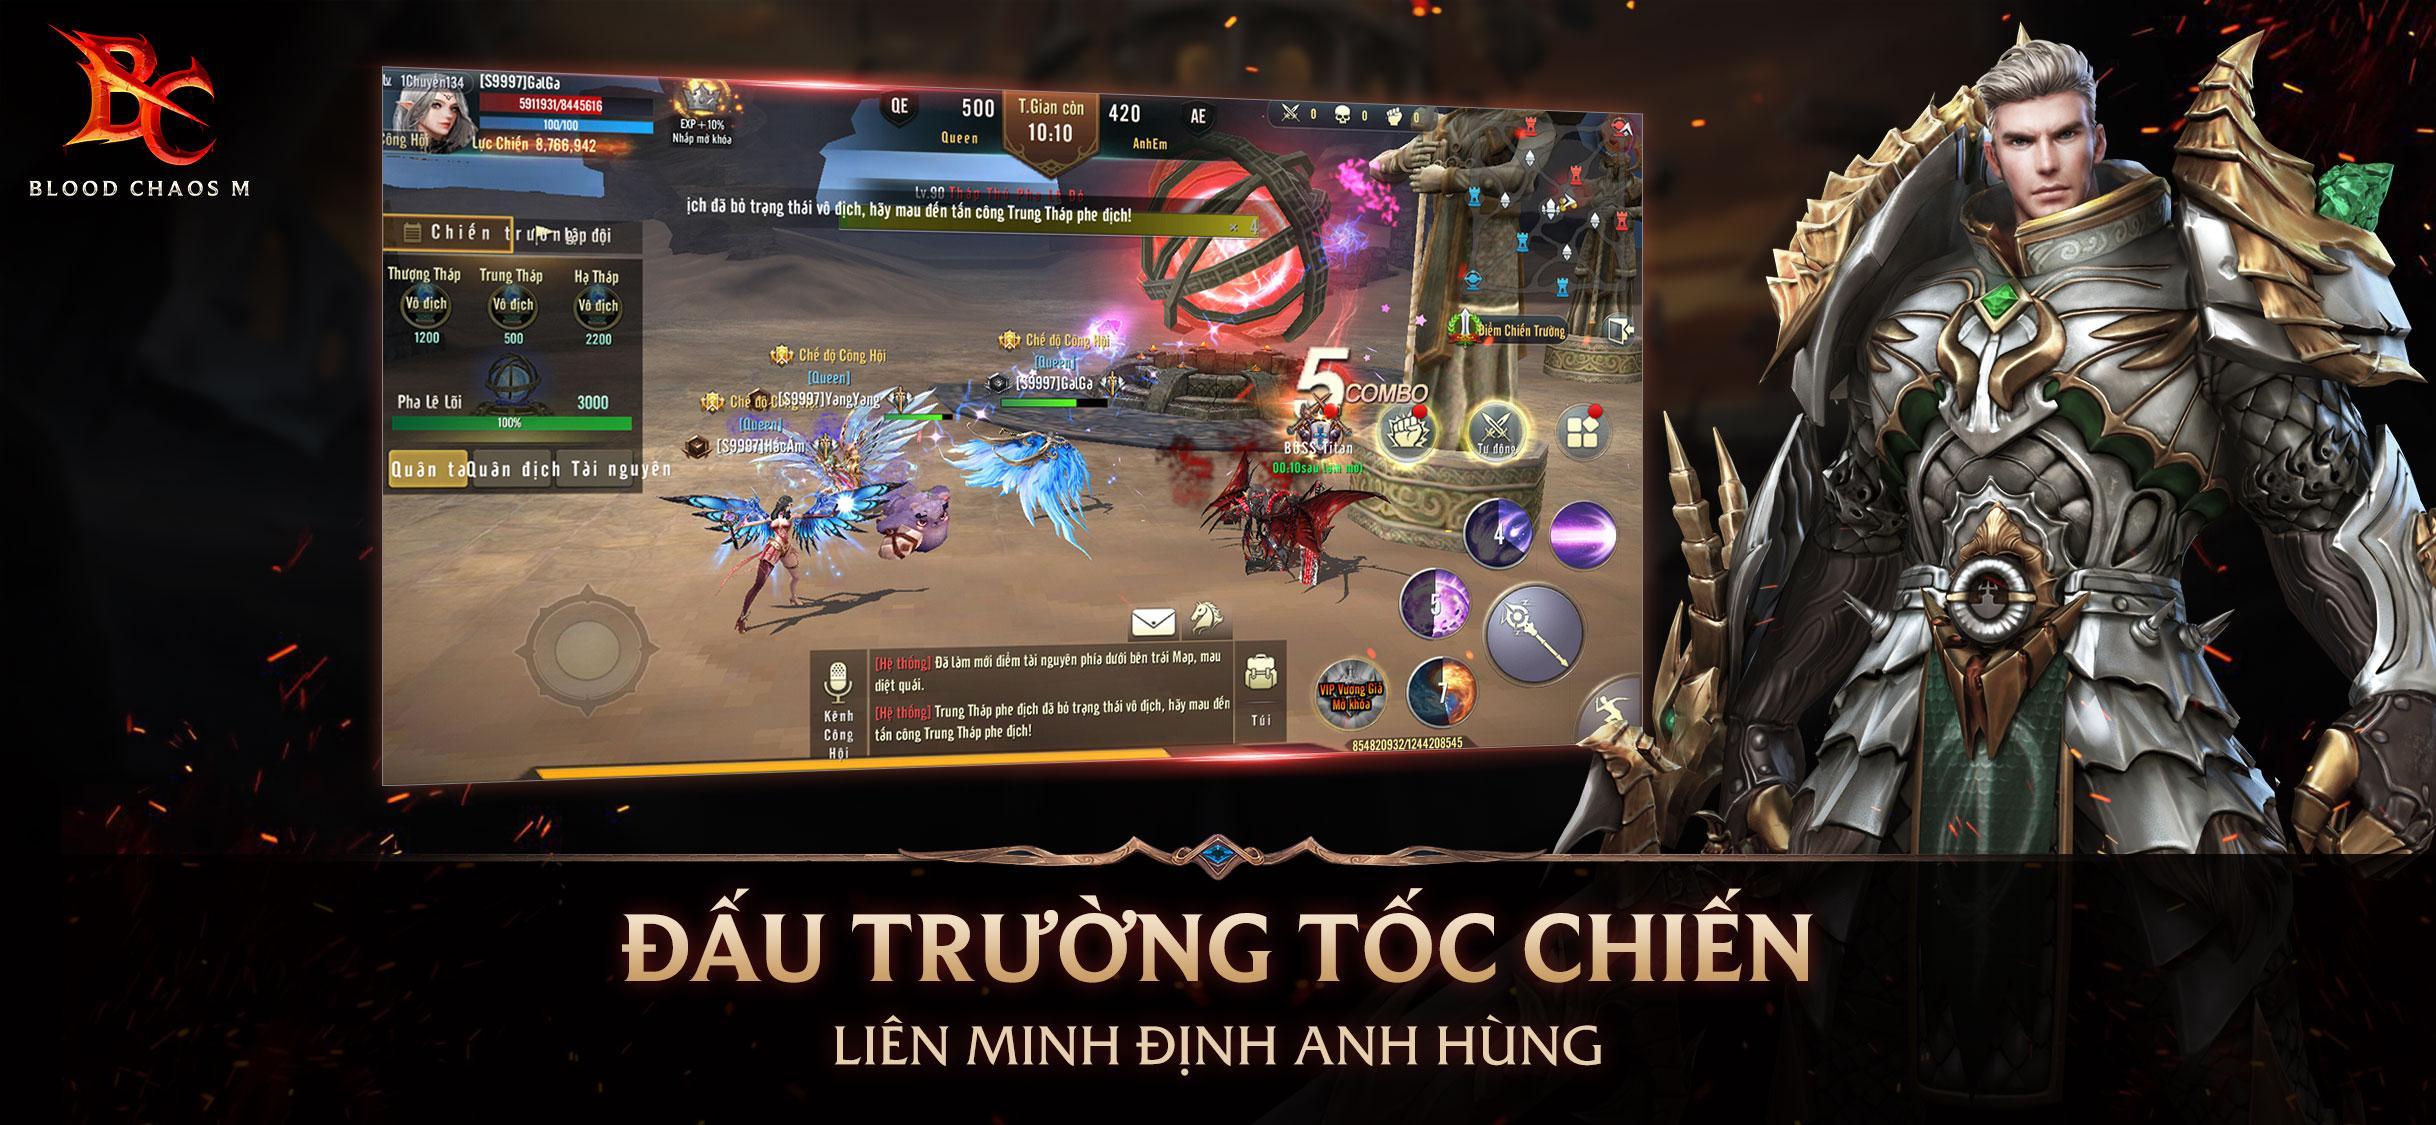 Một tựa game nhập vai bom tấn mang tên Vương Thần Mobile sắp ra mắt 3